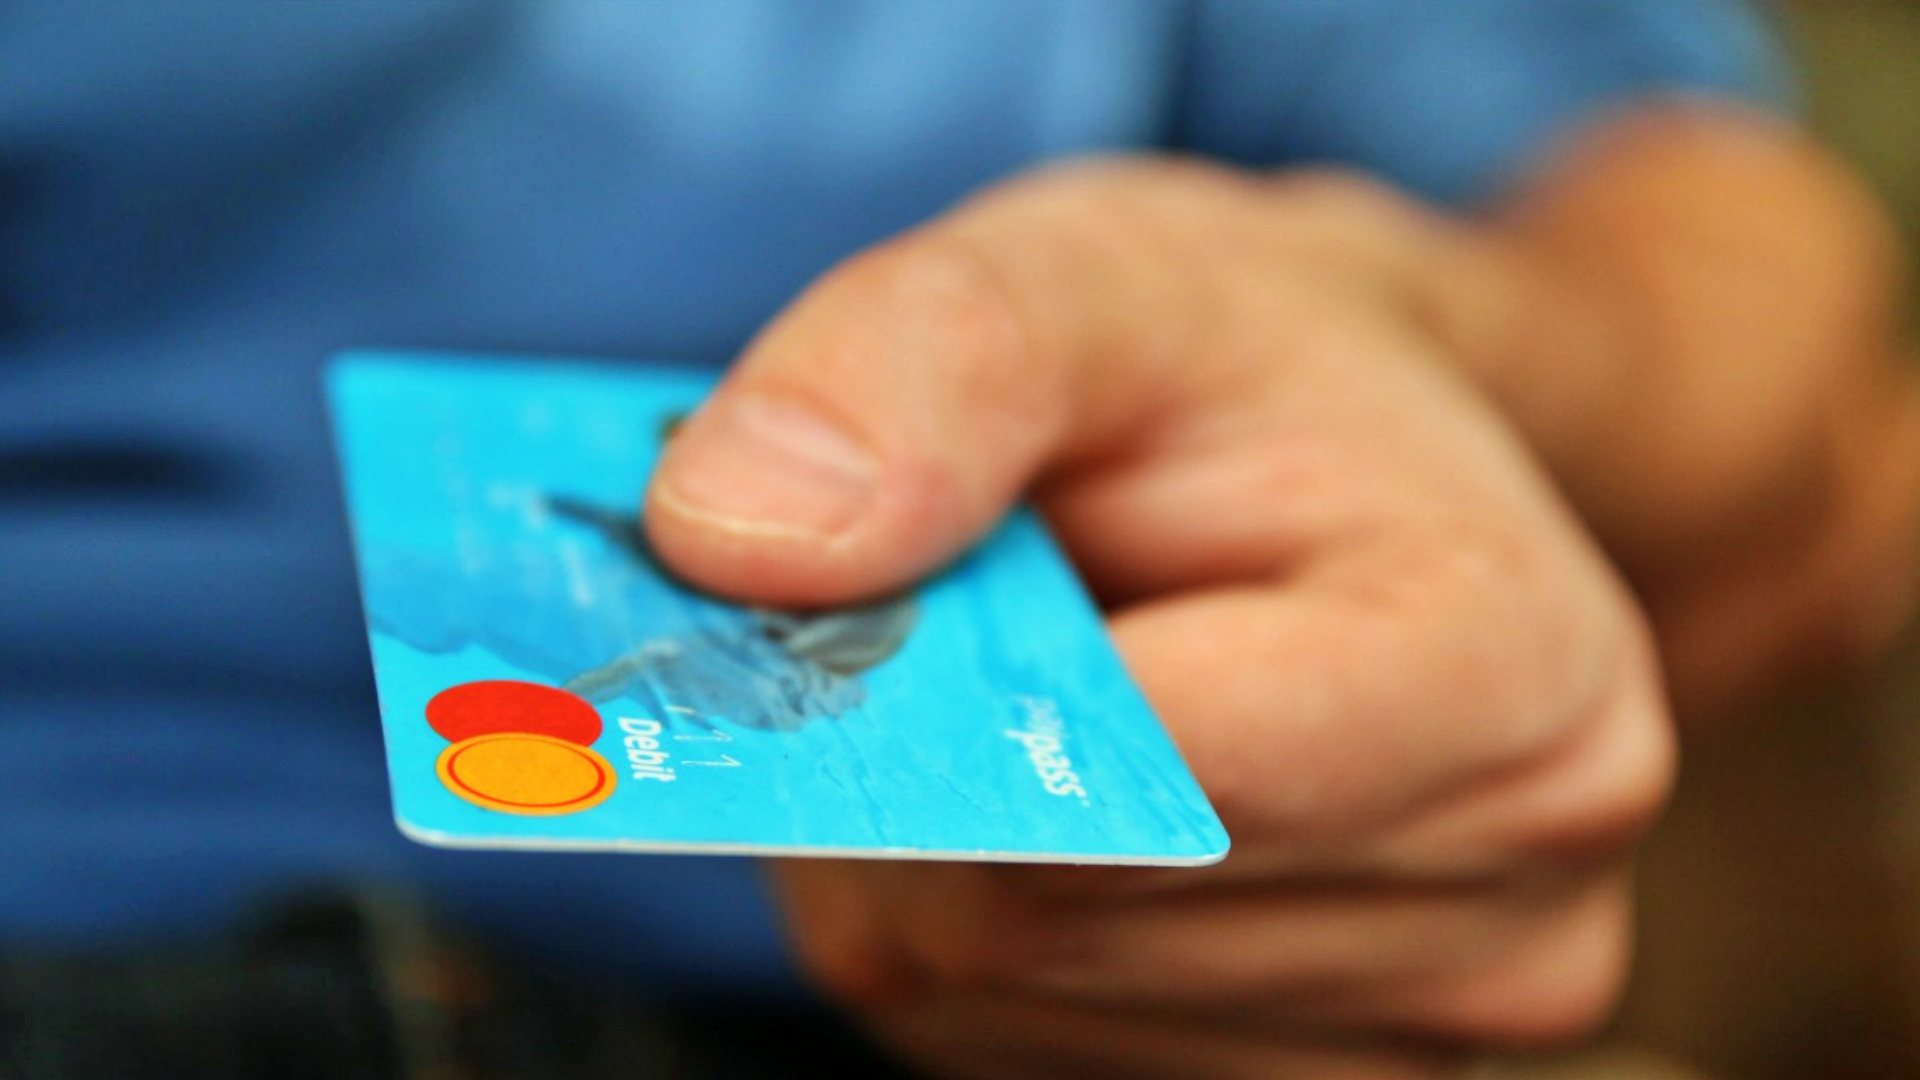 kulfoldi bankkartya hasznalat